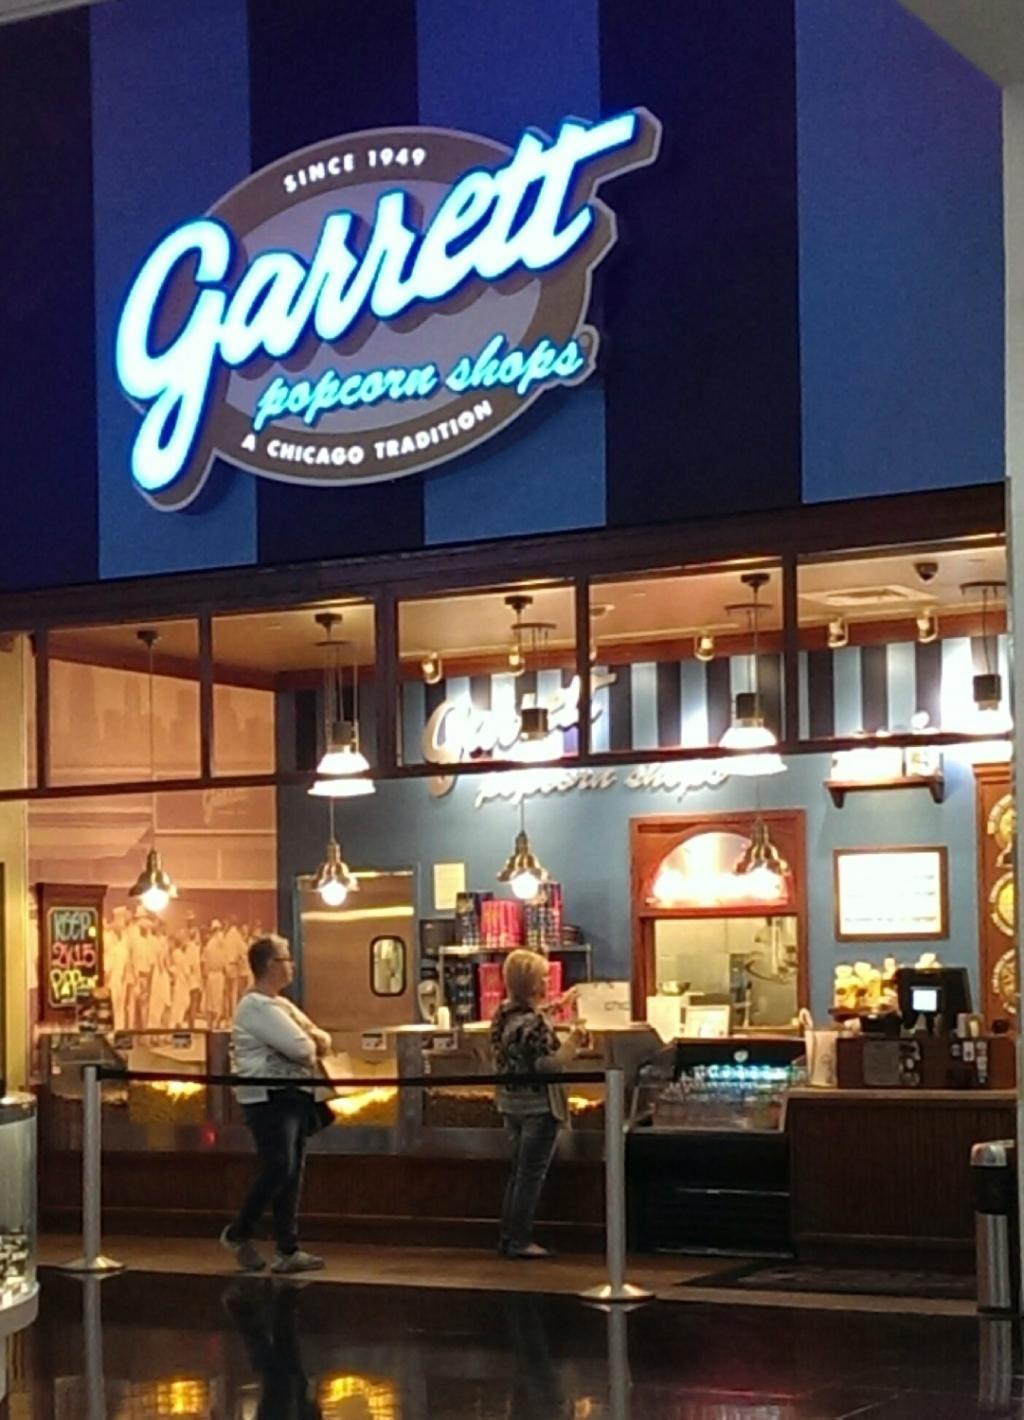 Garretts Popcorn Garrett popcorn, Popcorn shop, Popcorn